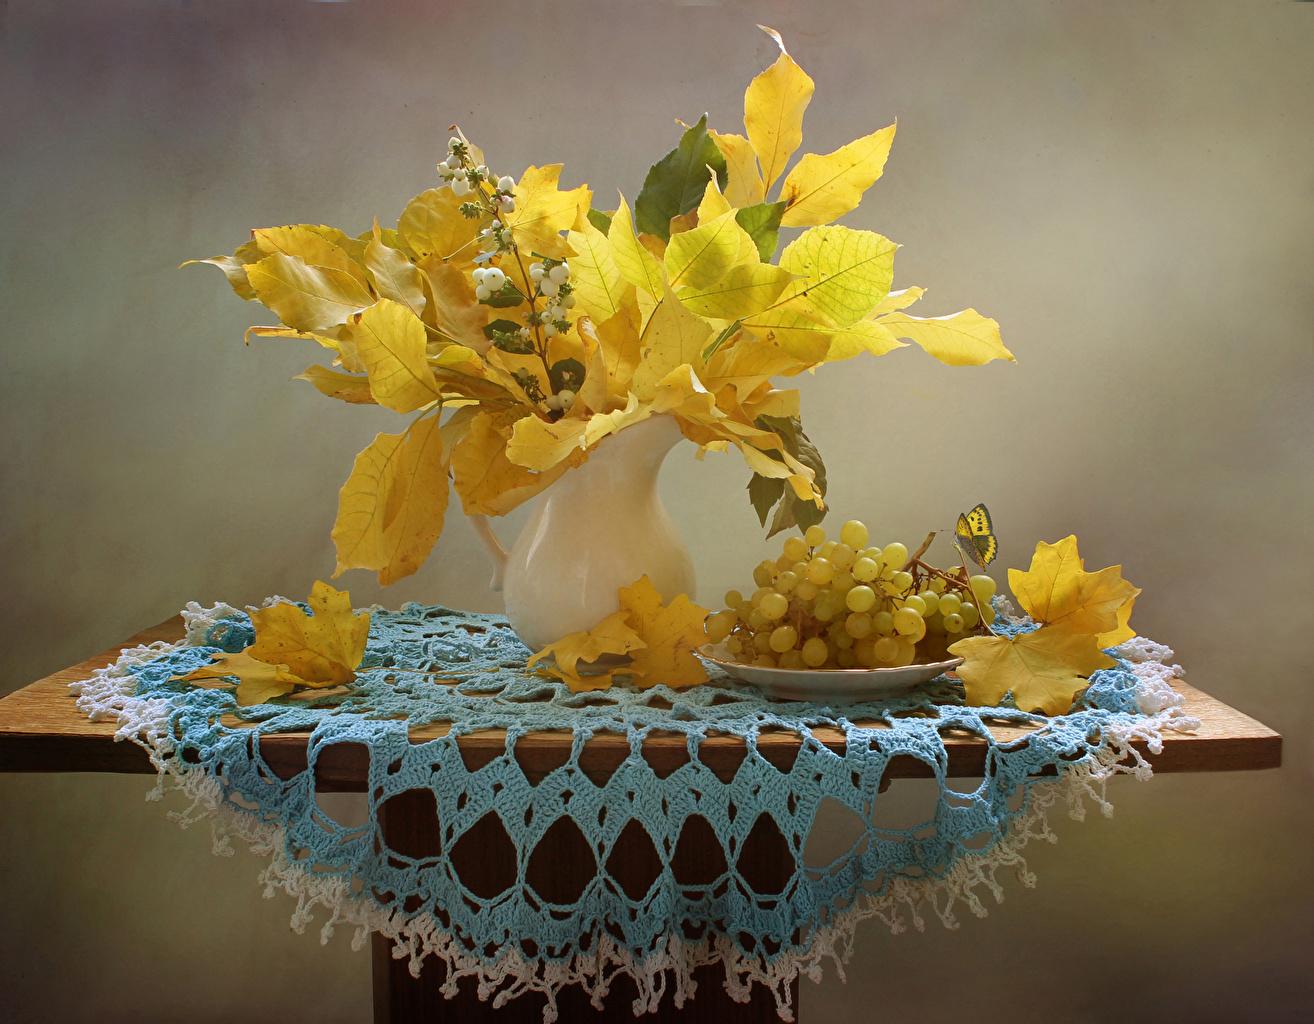 、秋、ブドウ、花瓶、木の葉、テーブル、食品